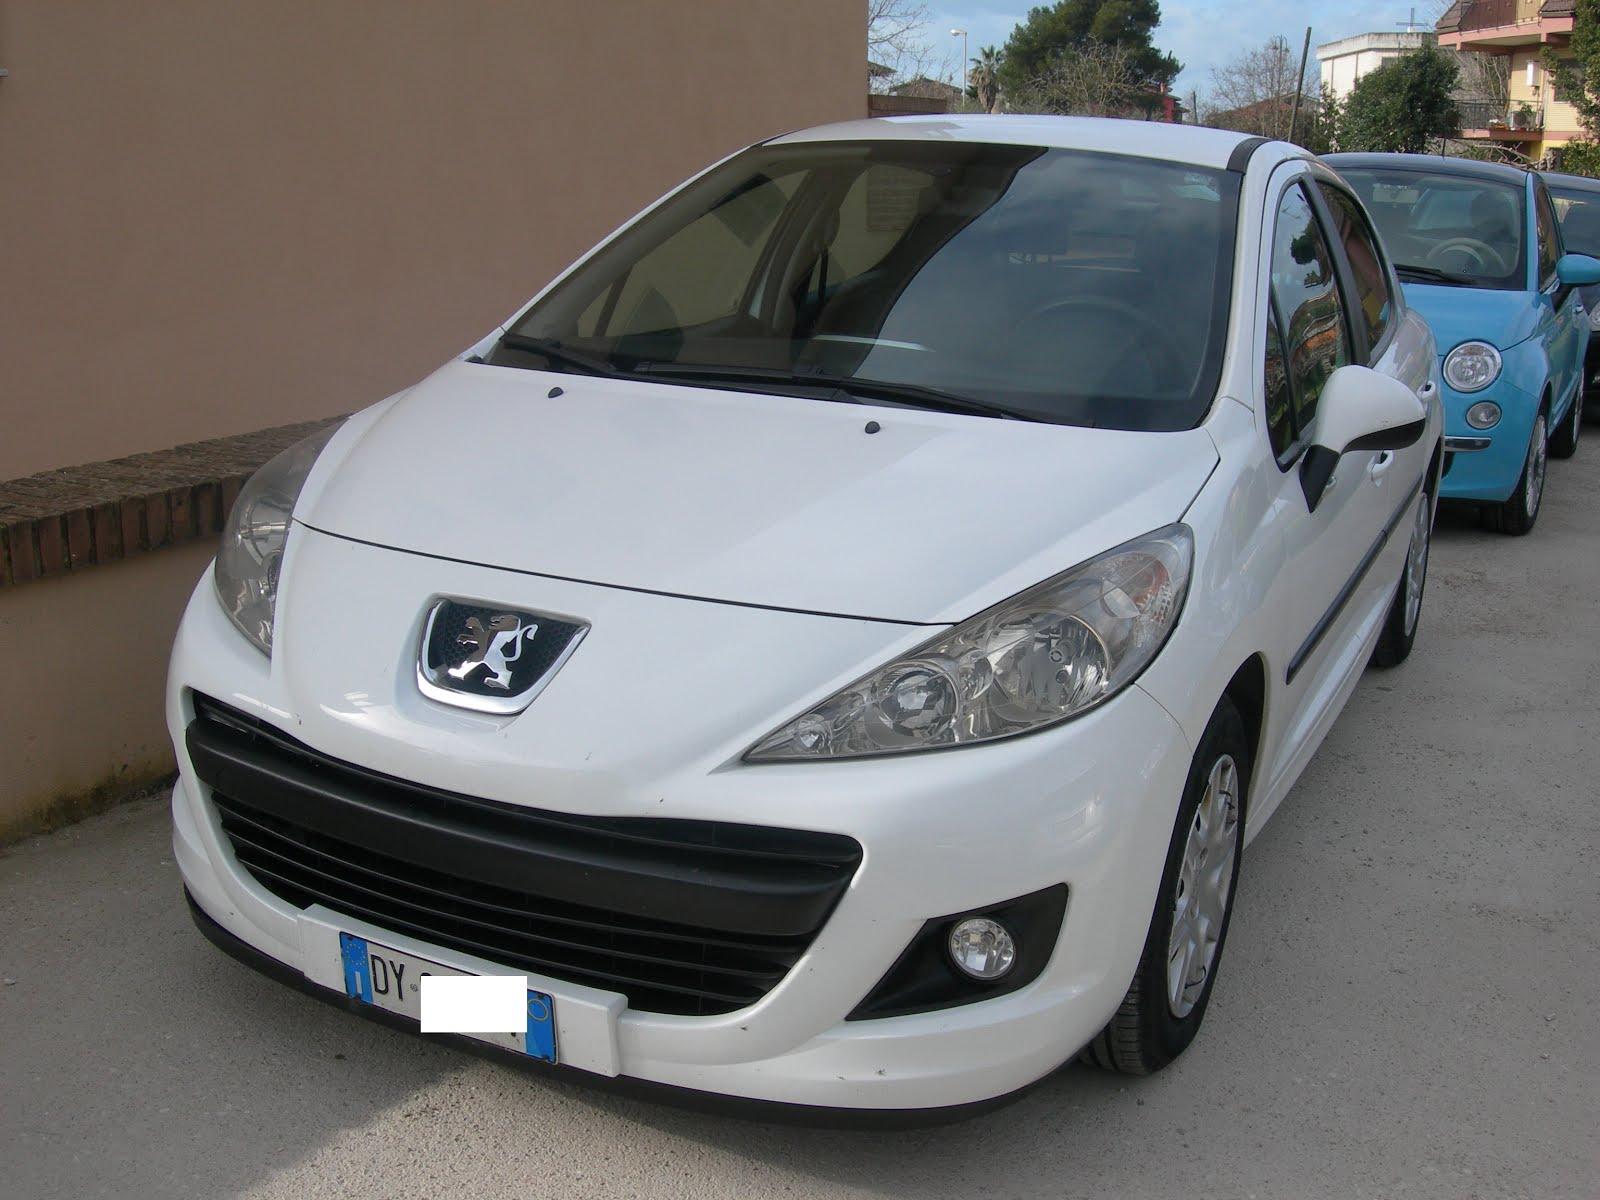 Peugeot 207 1.4 HDI 70 CV MOD.N1 AUTOC+TRASP PERSONE ANNO 2009 90.000 KM